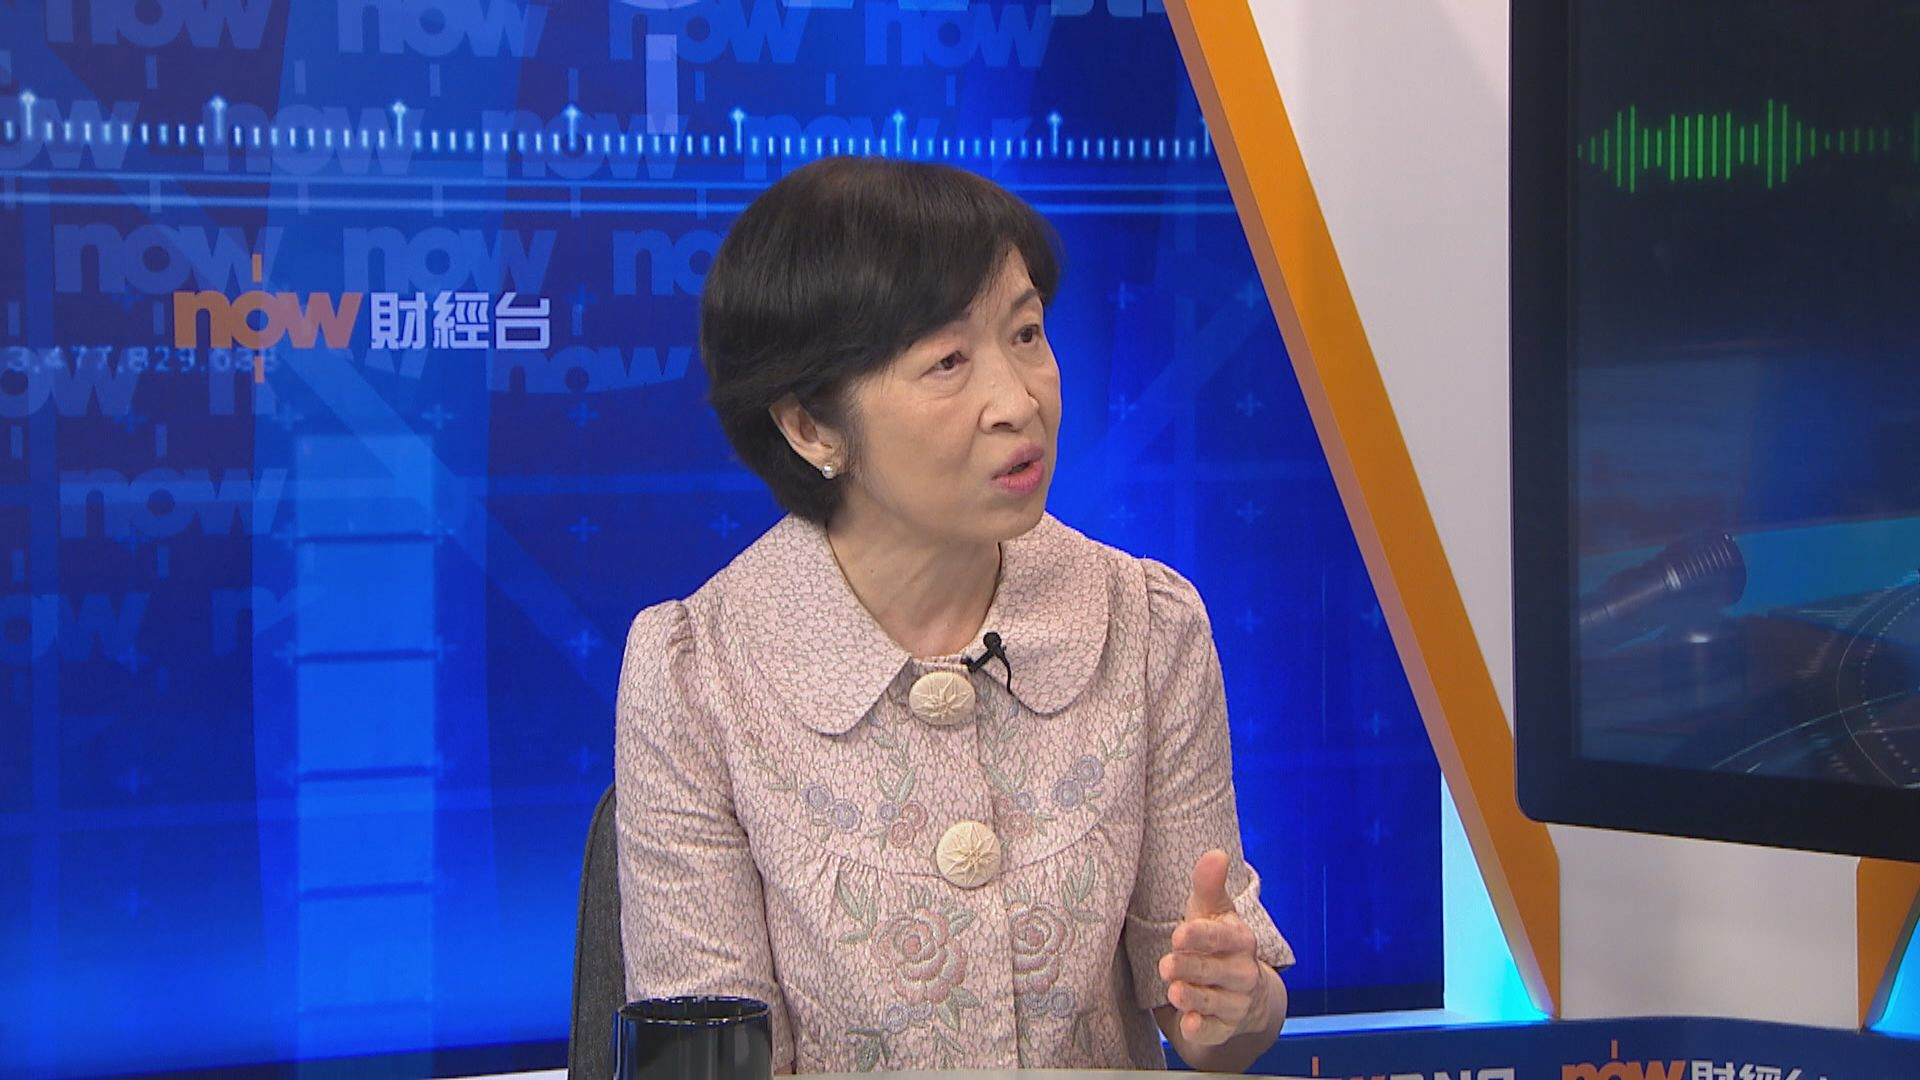 羅范椒芬:教育局有責任向學校跟進不妥通識教材